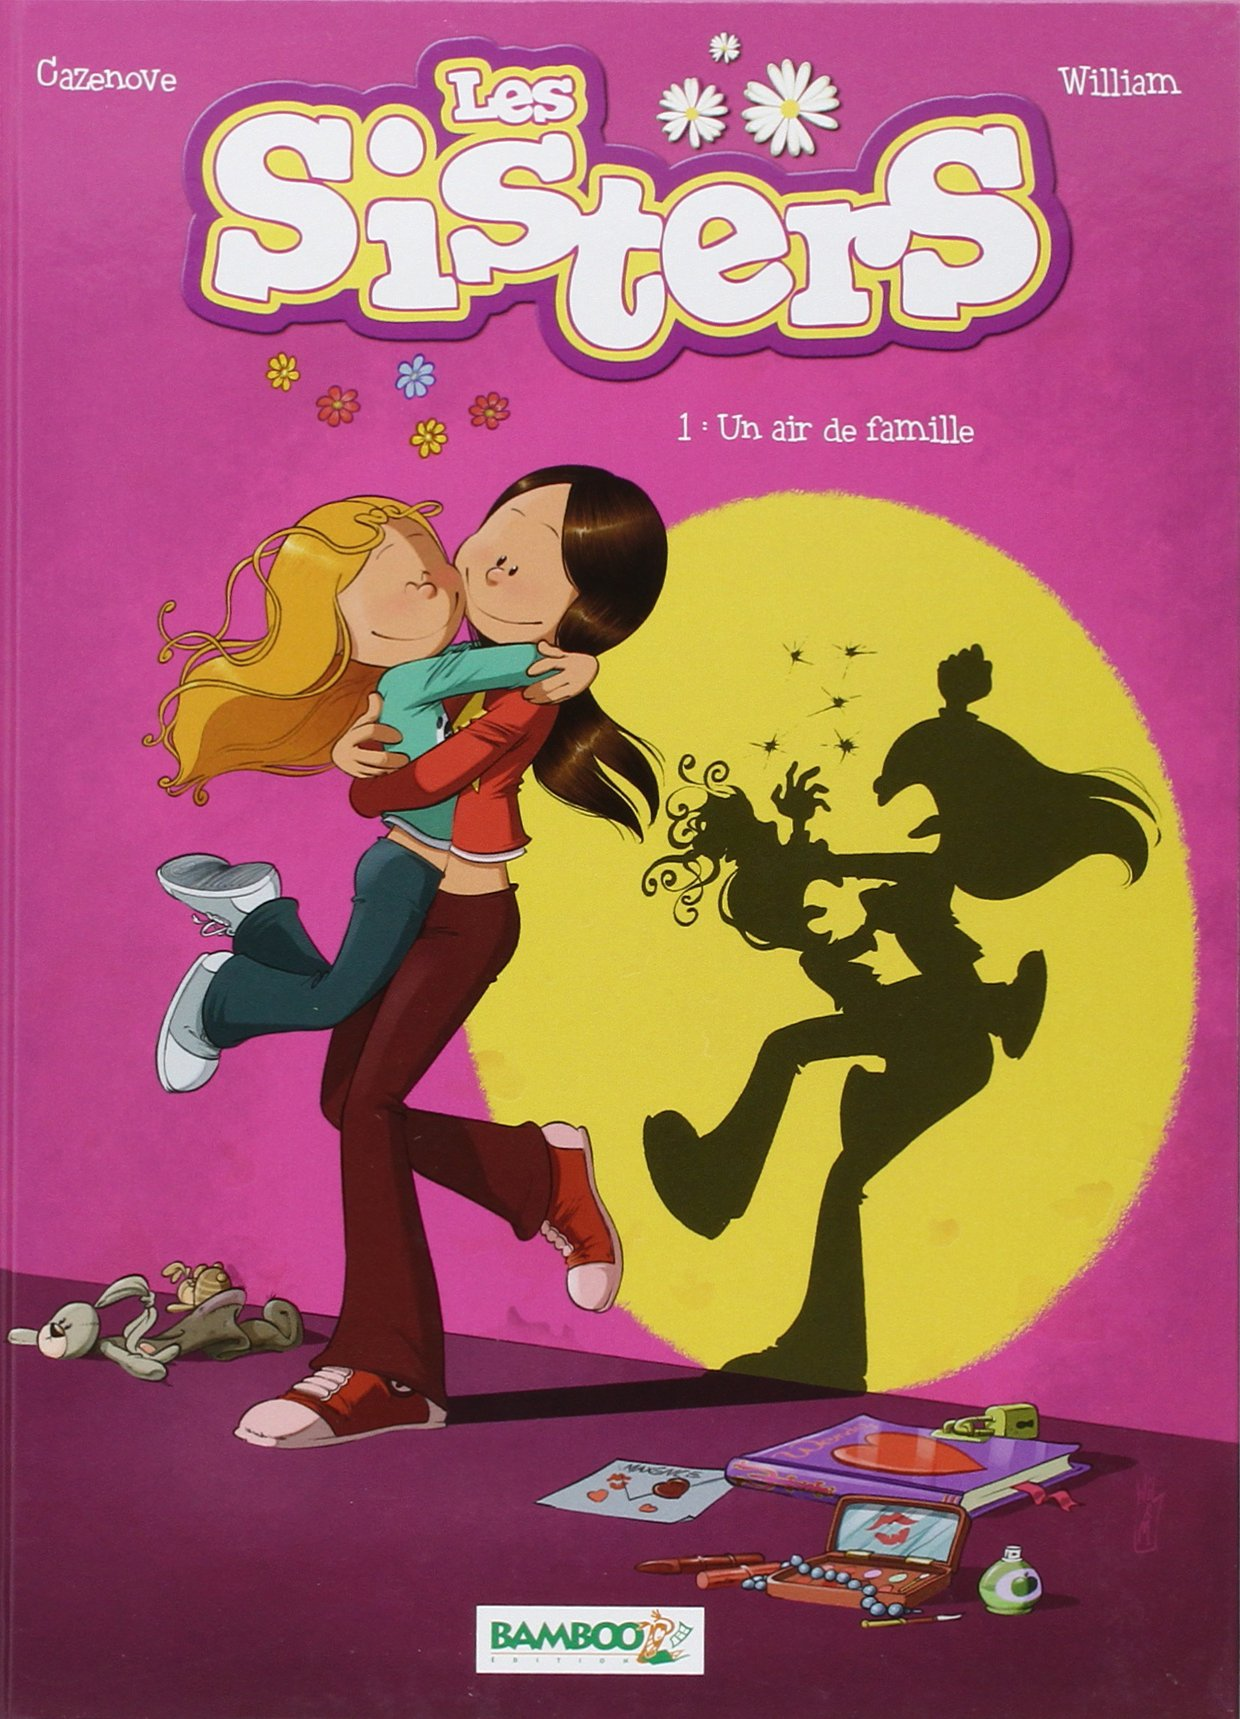 Les Sisters - tome 1 - Un air de famille Album – 30 avril 2008 Christophe Cazenove William Bamboo 2350784959